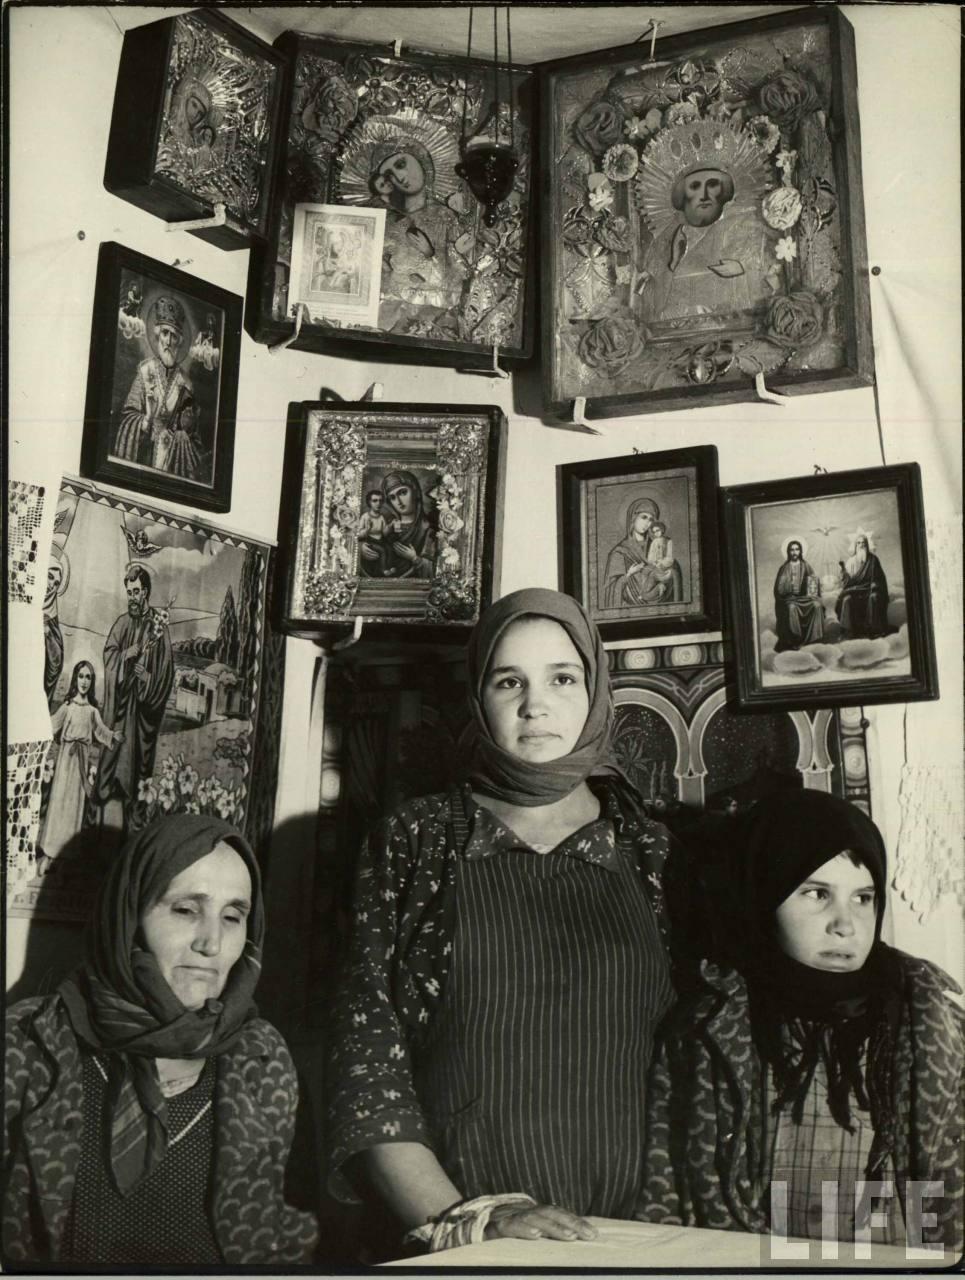 Femei şi icoane din Basarabia